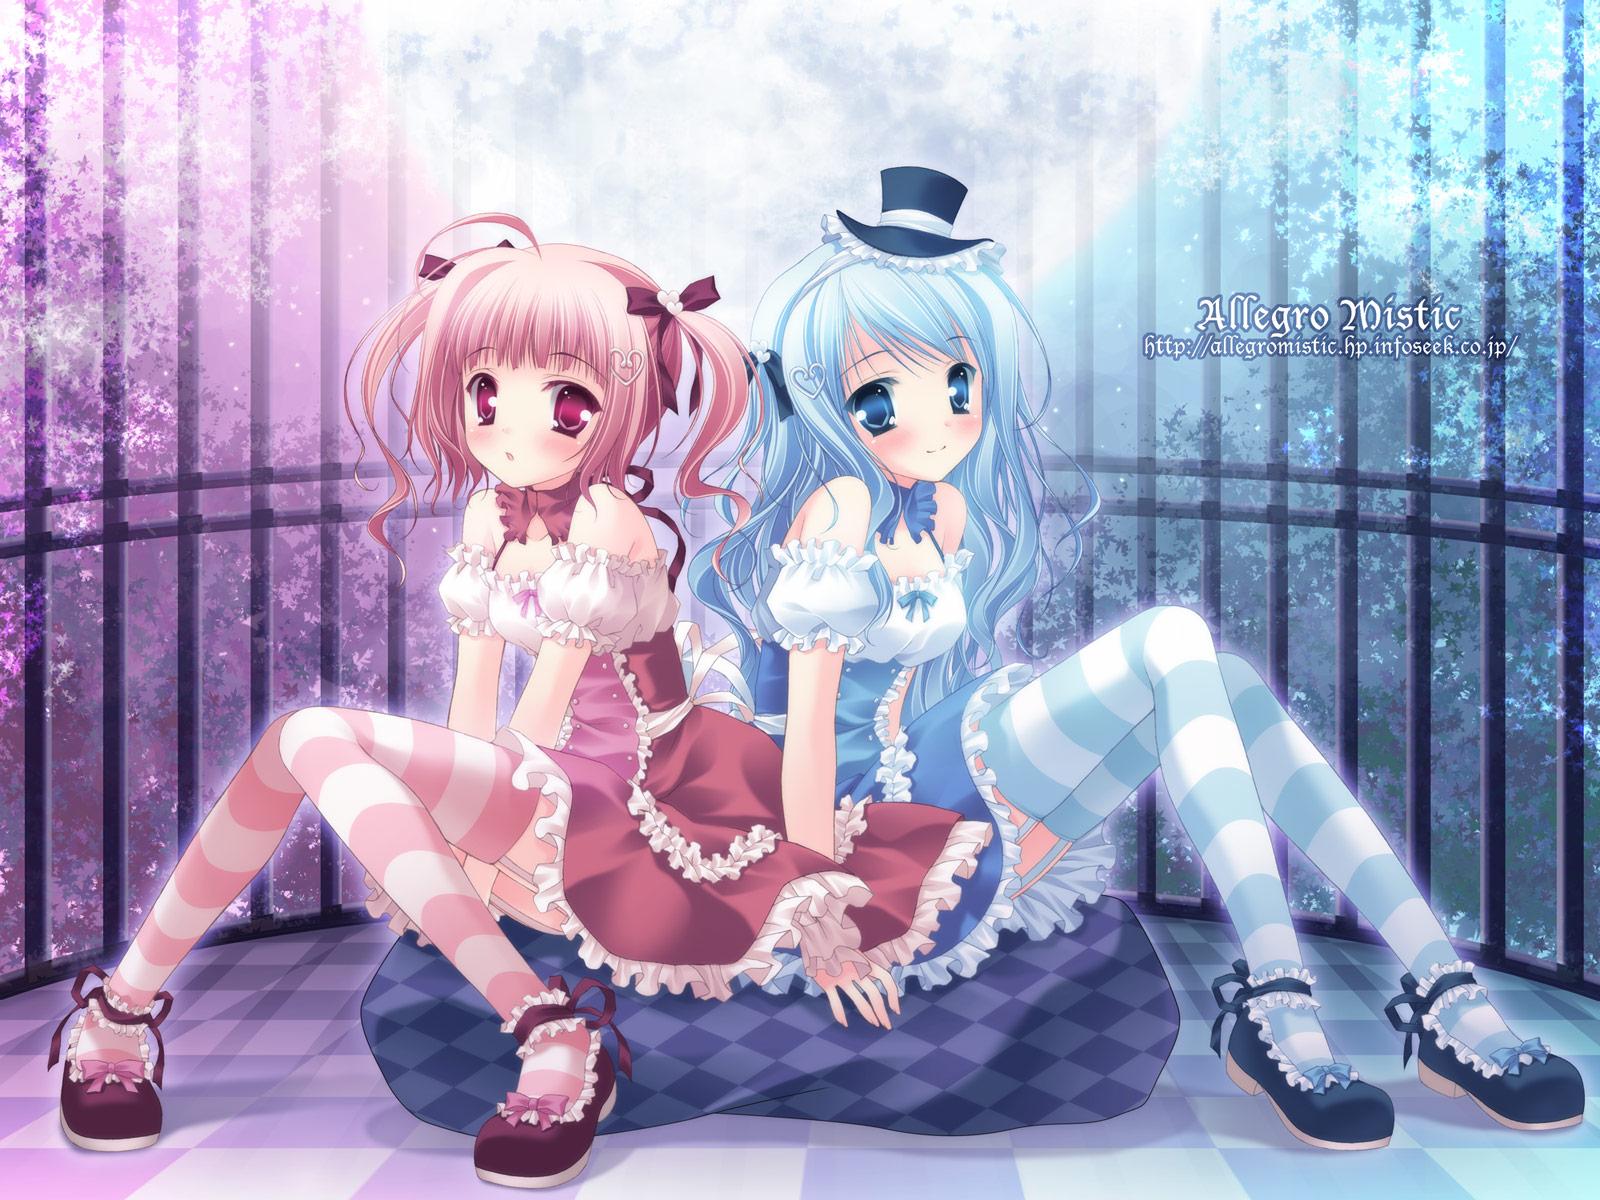 日本动画少女图片 谢谢